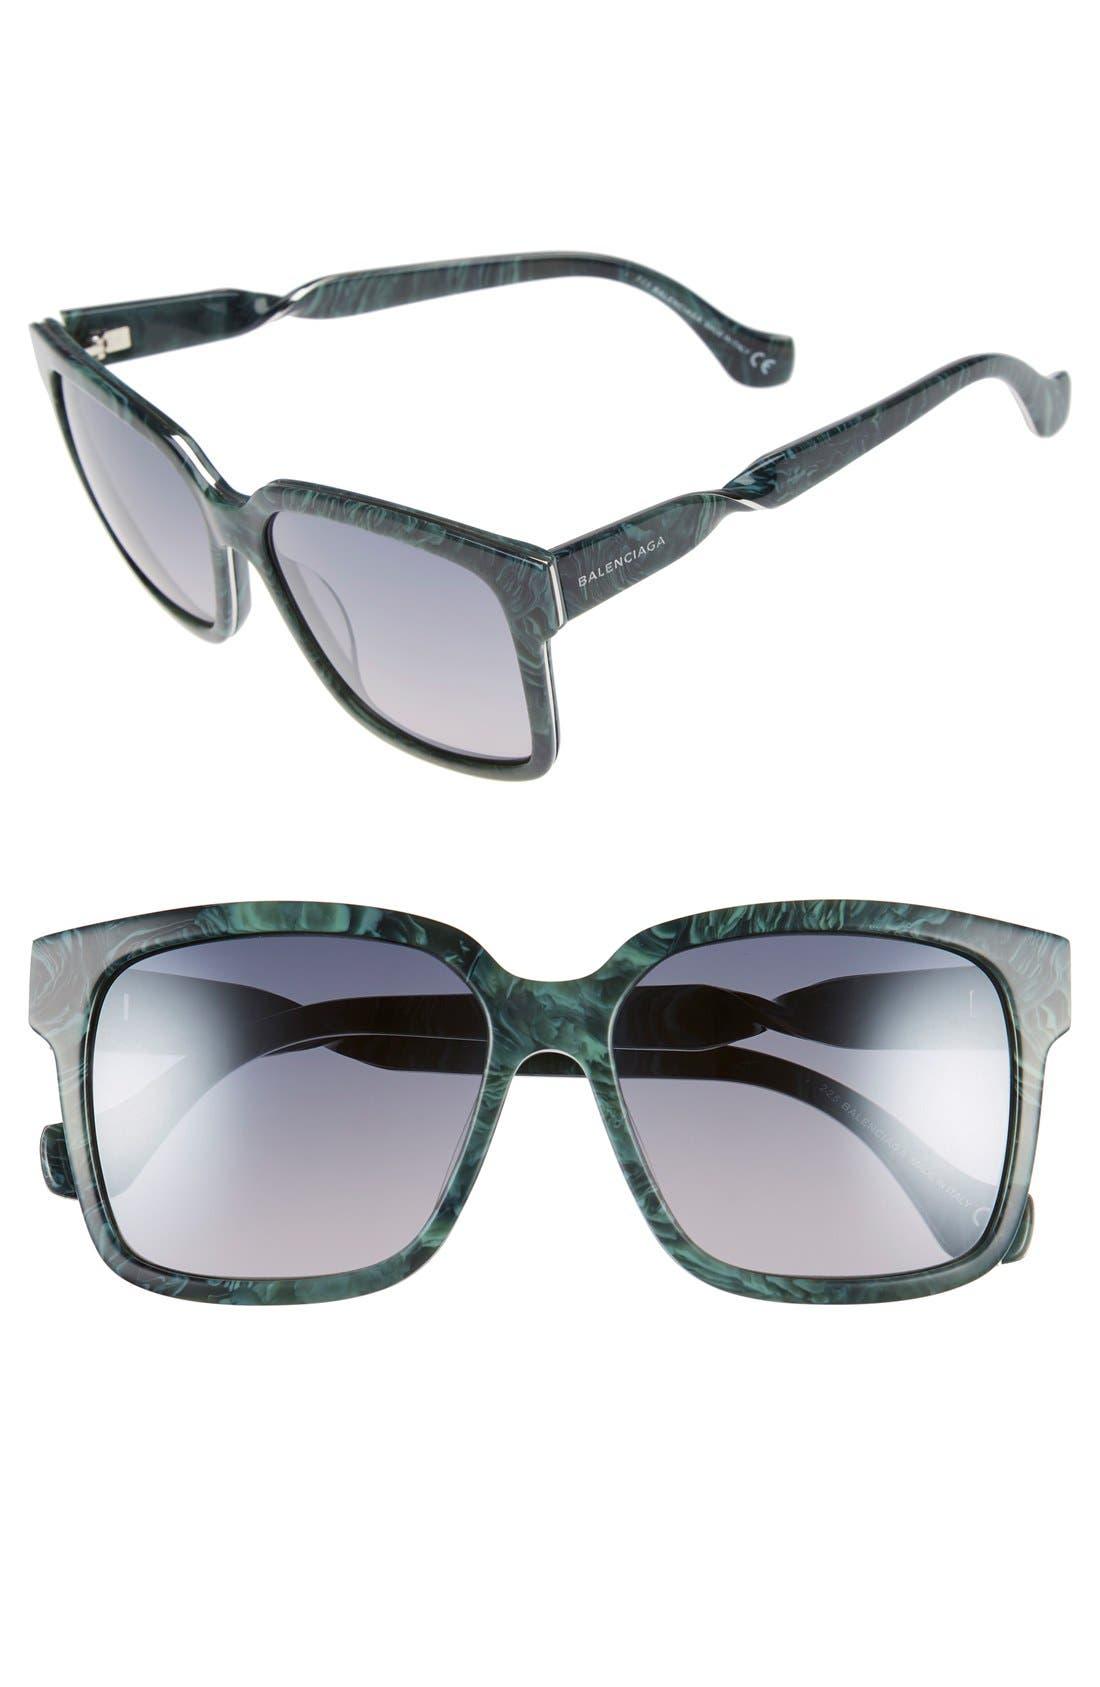 Alternate Image 1 Selected - Balenciaga Paris 'BA0053' 55mm Cat Eye Sunglasses